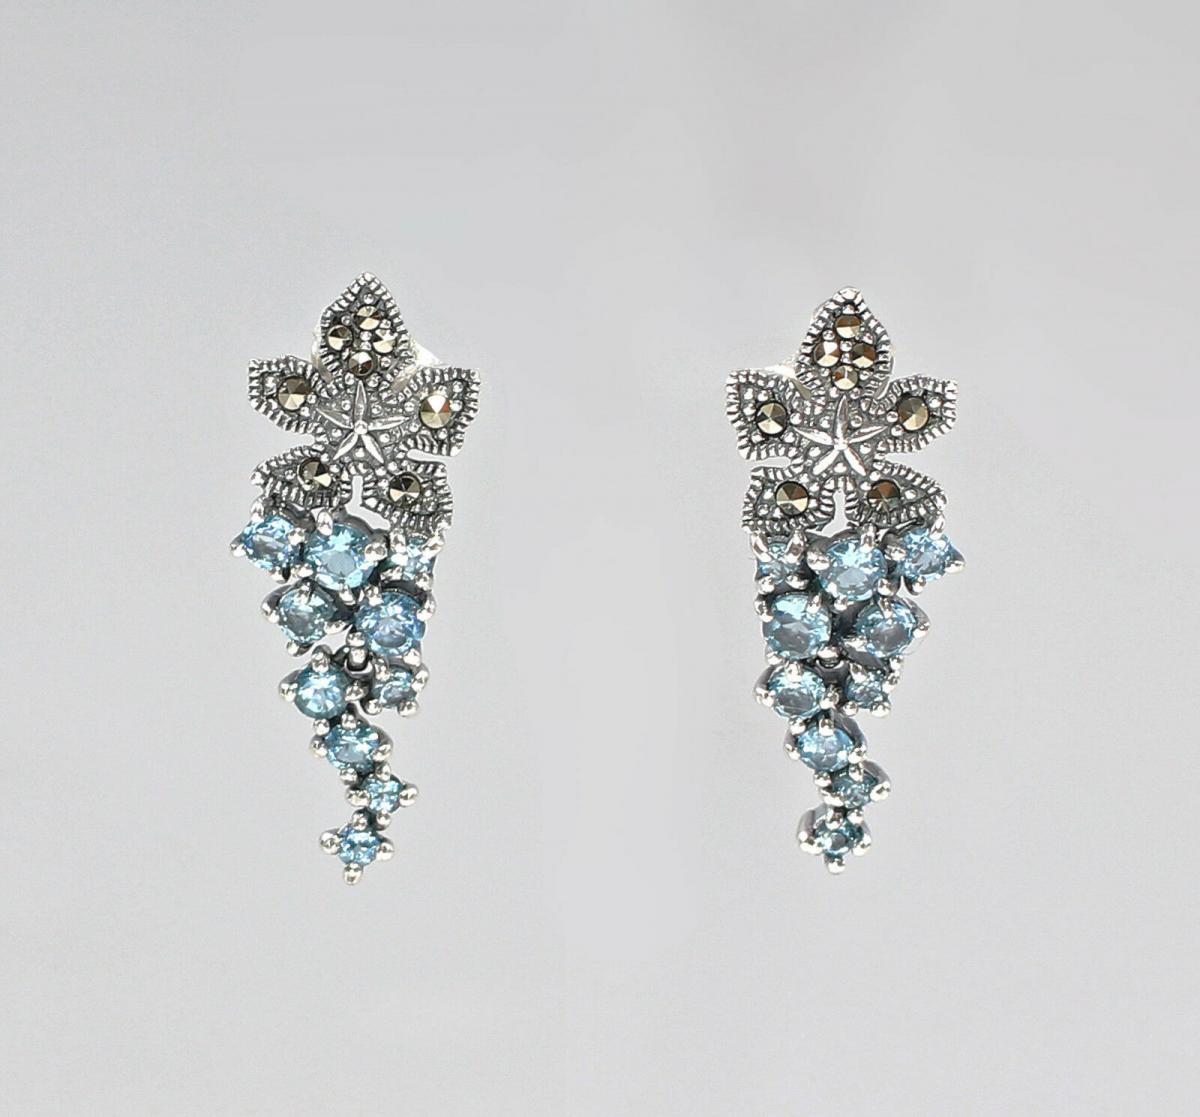 9927011 925er Silber Blautopas-Markasit-Ohrringe Traube